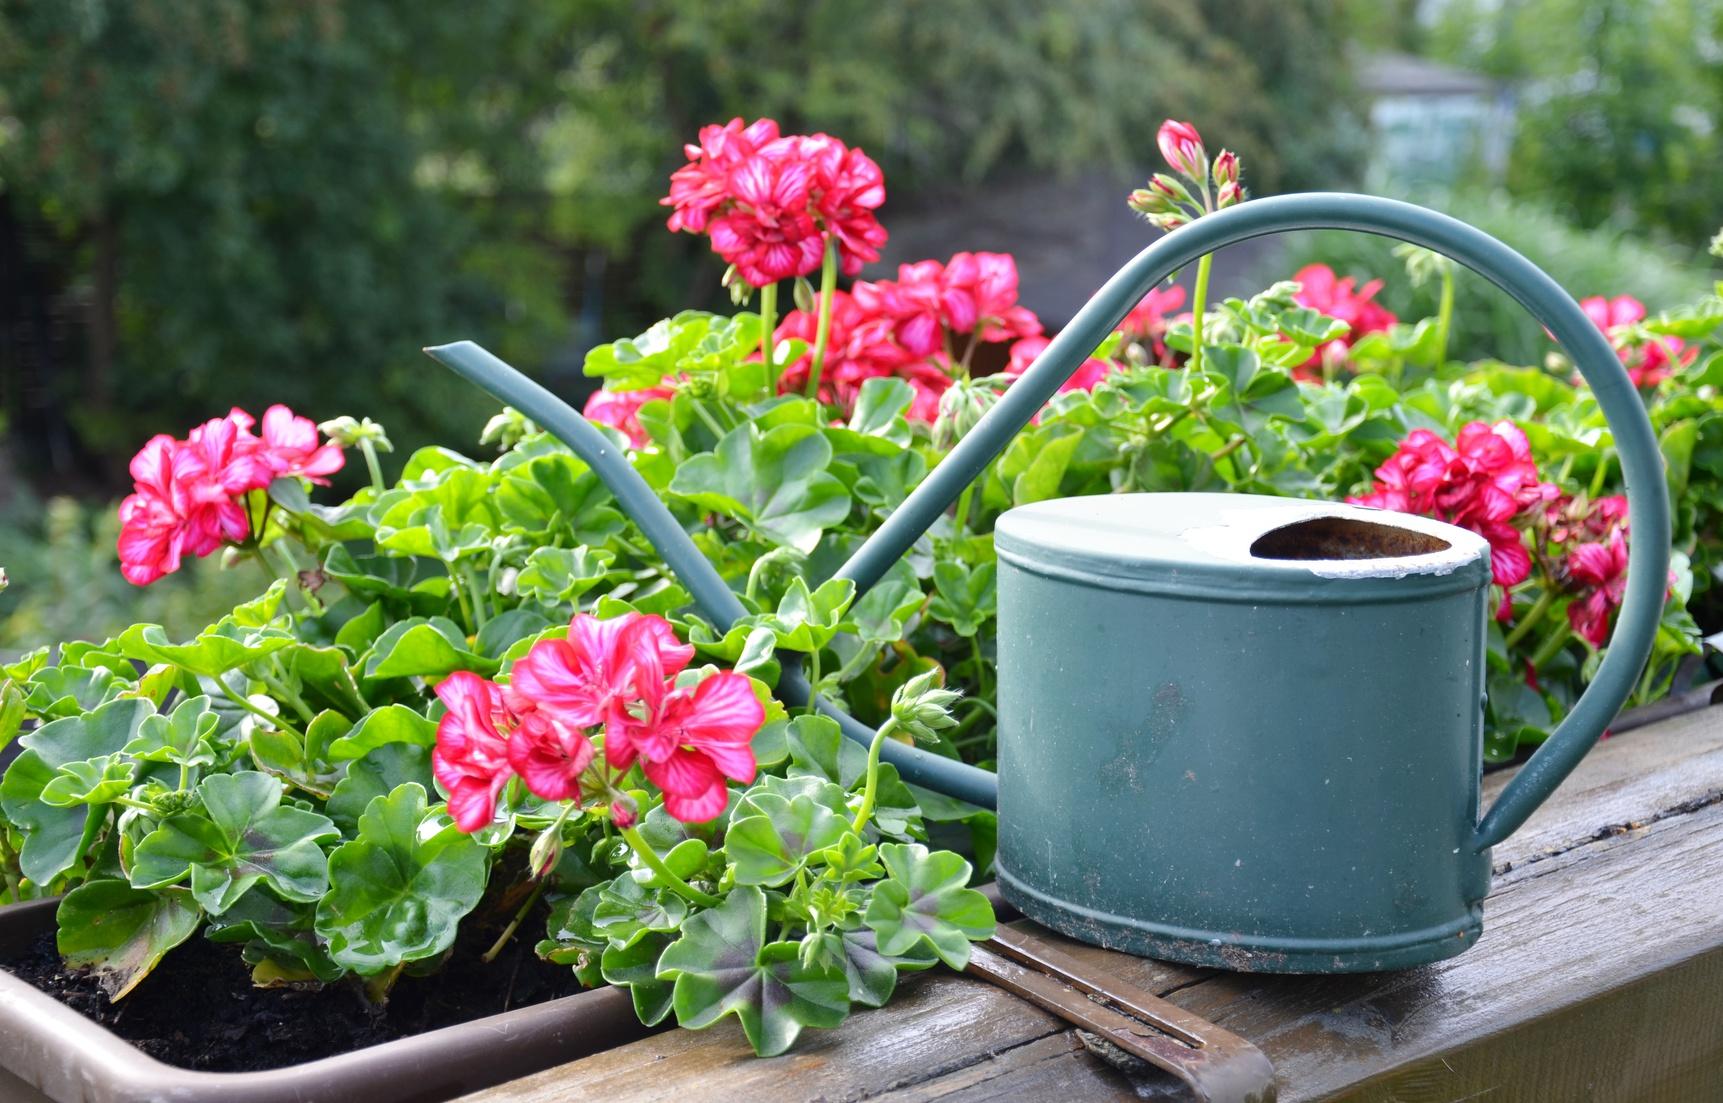 pflanzen für den balkon – blütenmeer für den sommer, Gartengerate ideen